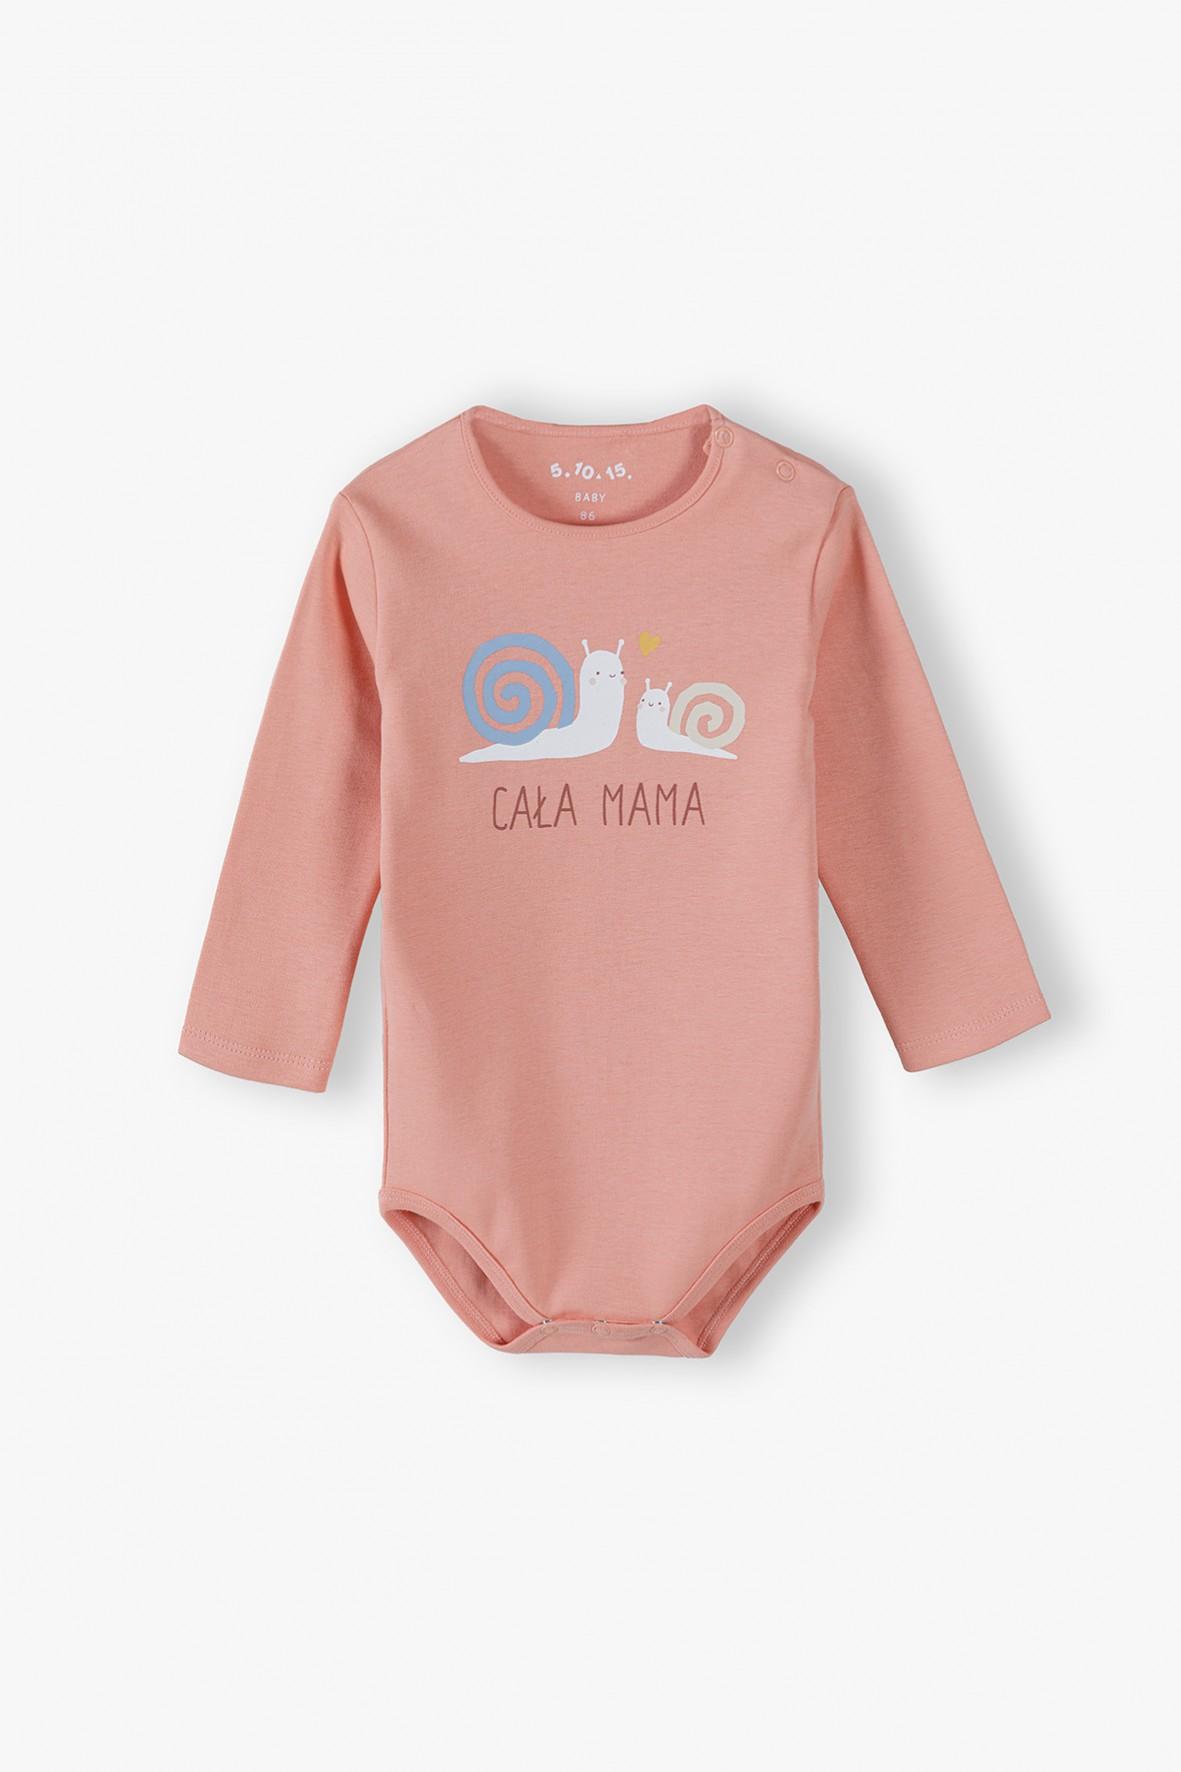 Bawełniane body niemowlęce z długim rękawem z napisem Cała Mama